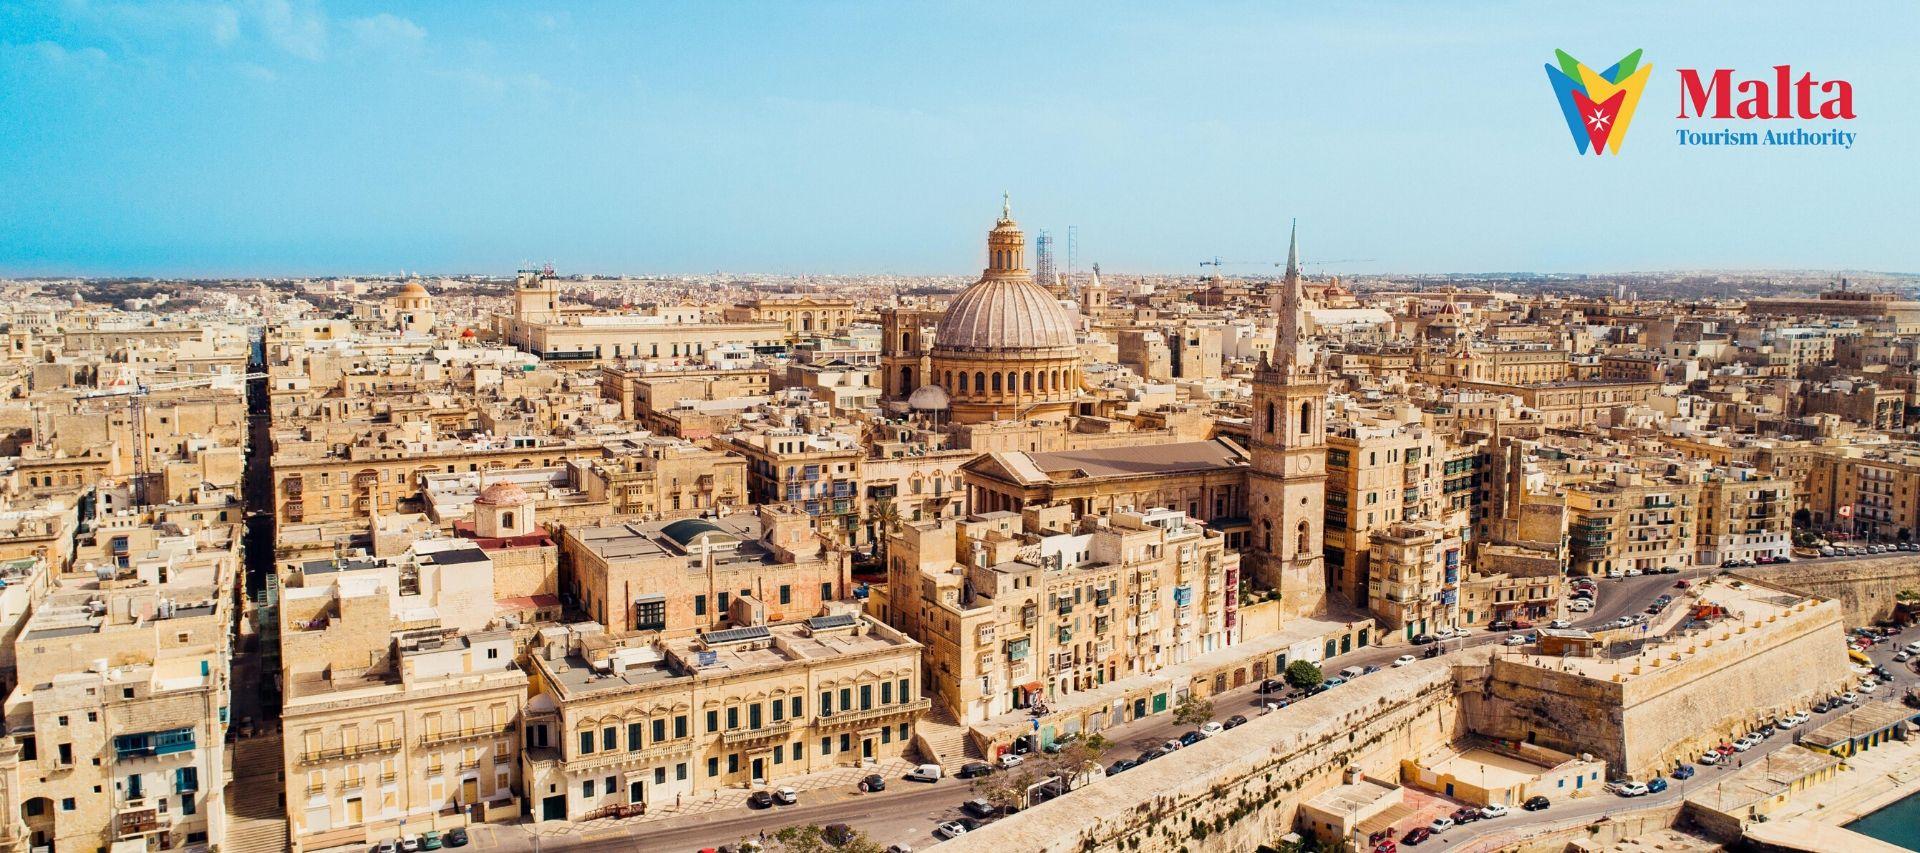 Valletta City in Malta